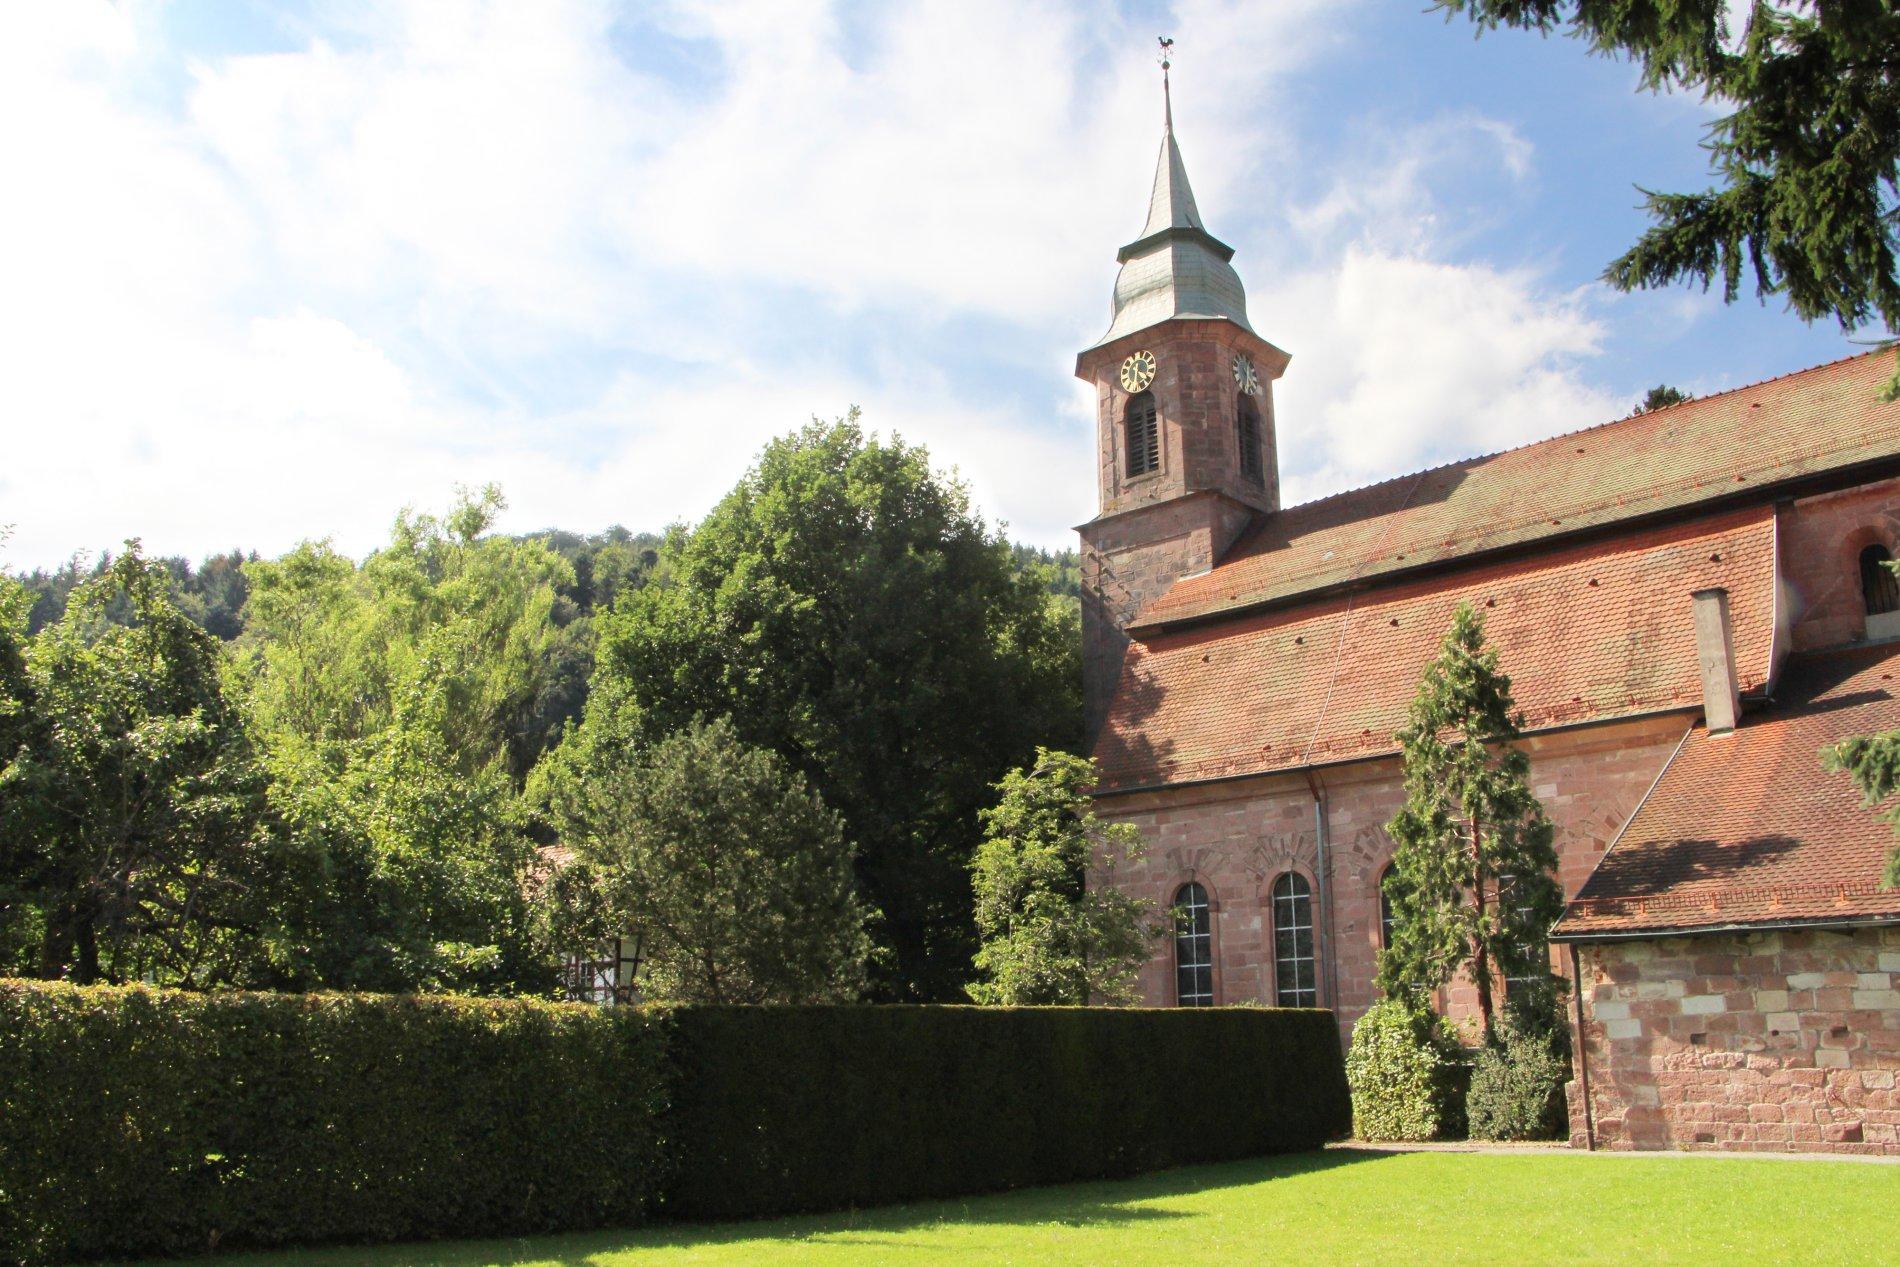 Klostergarten direkt hinter der Klosterkirche.